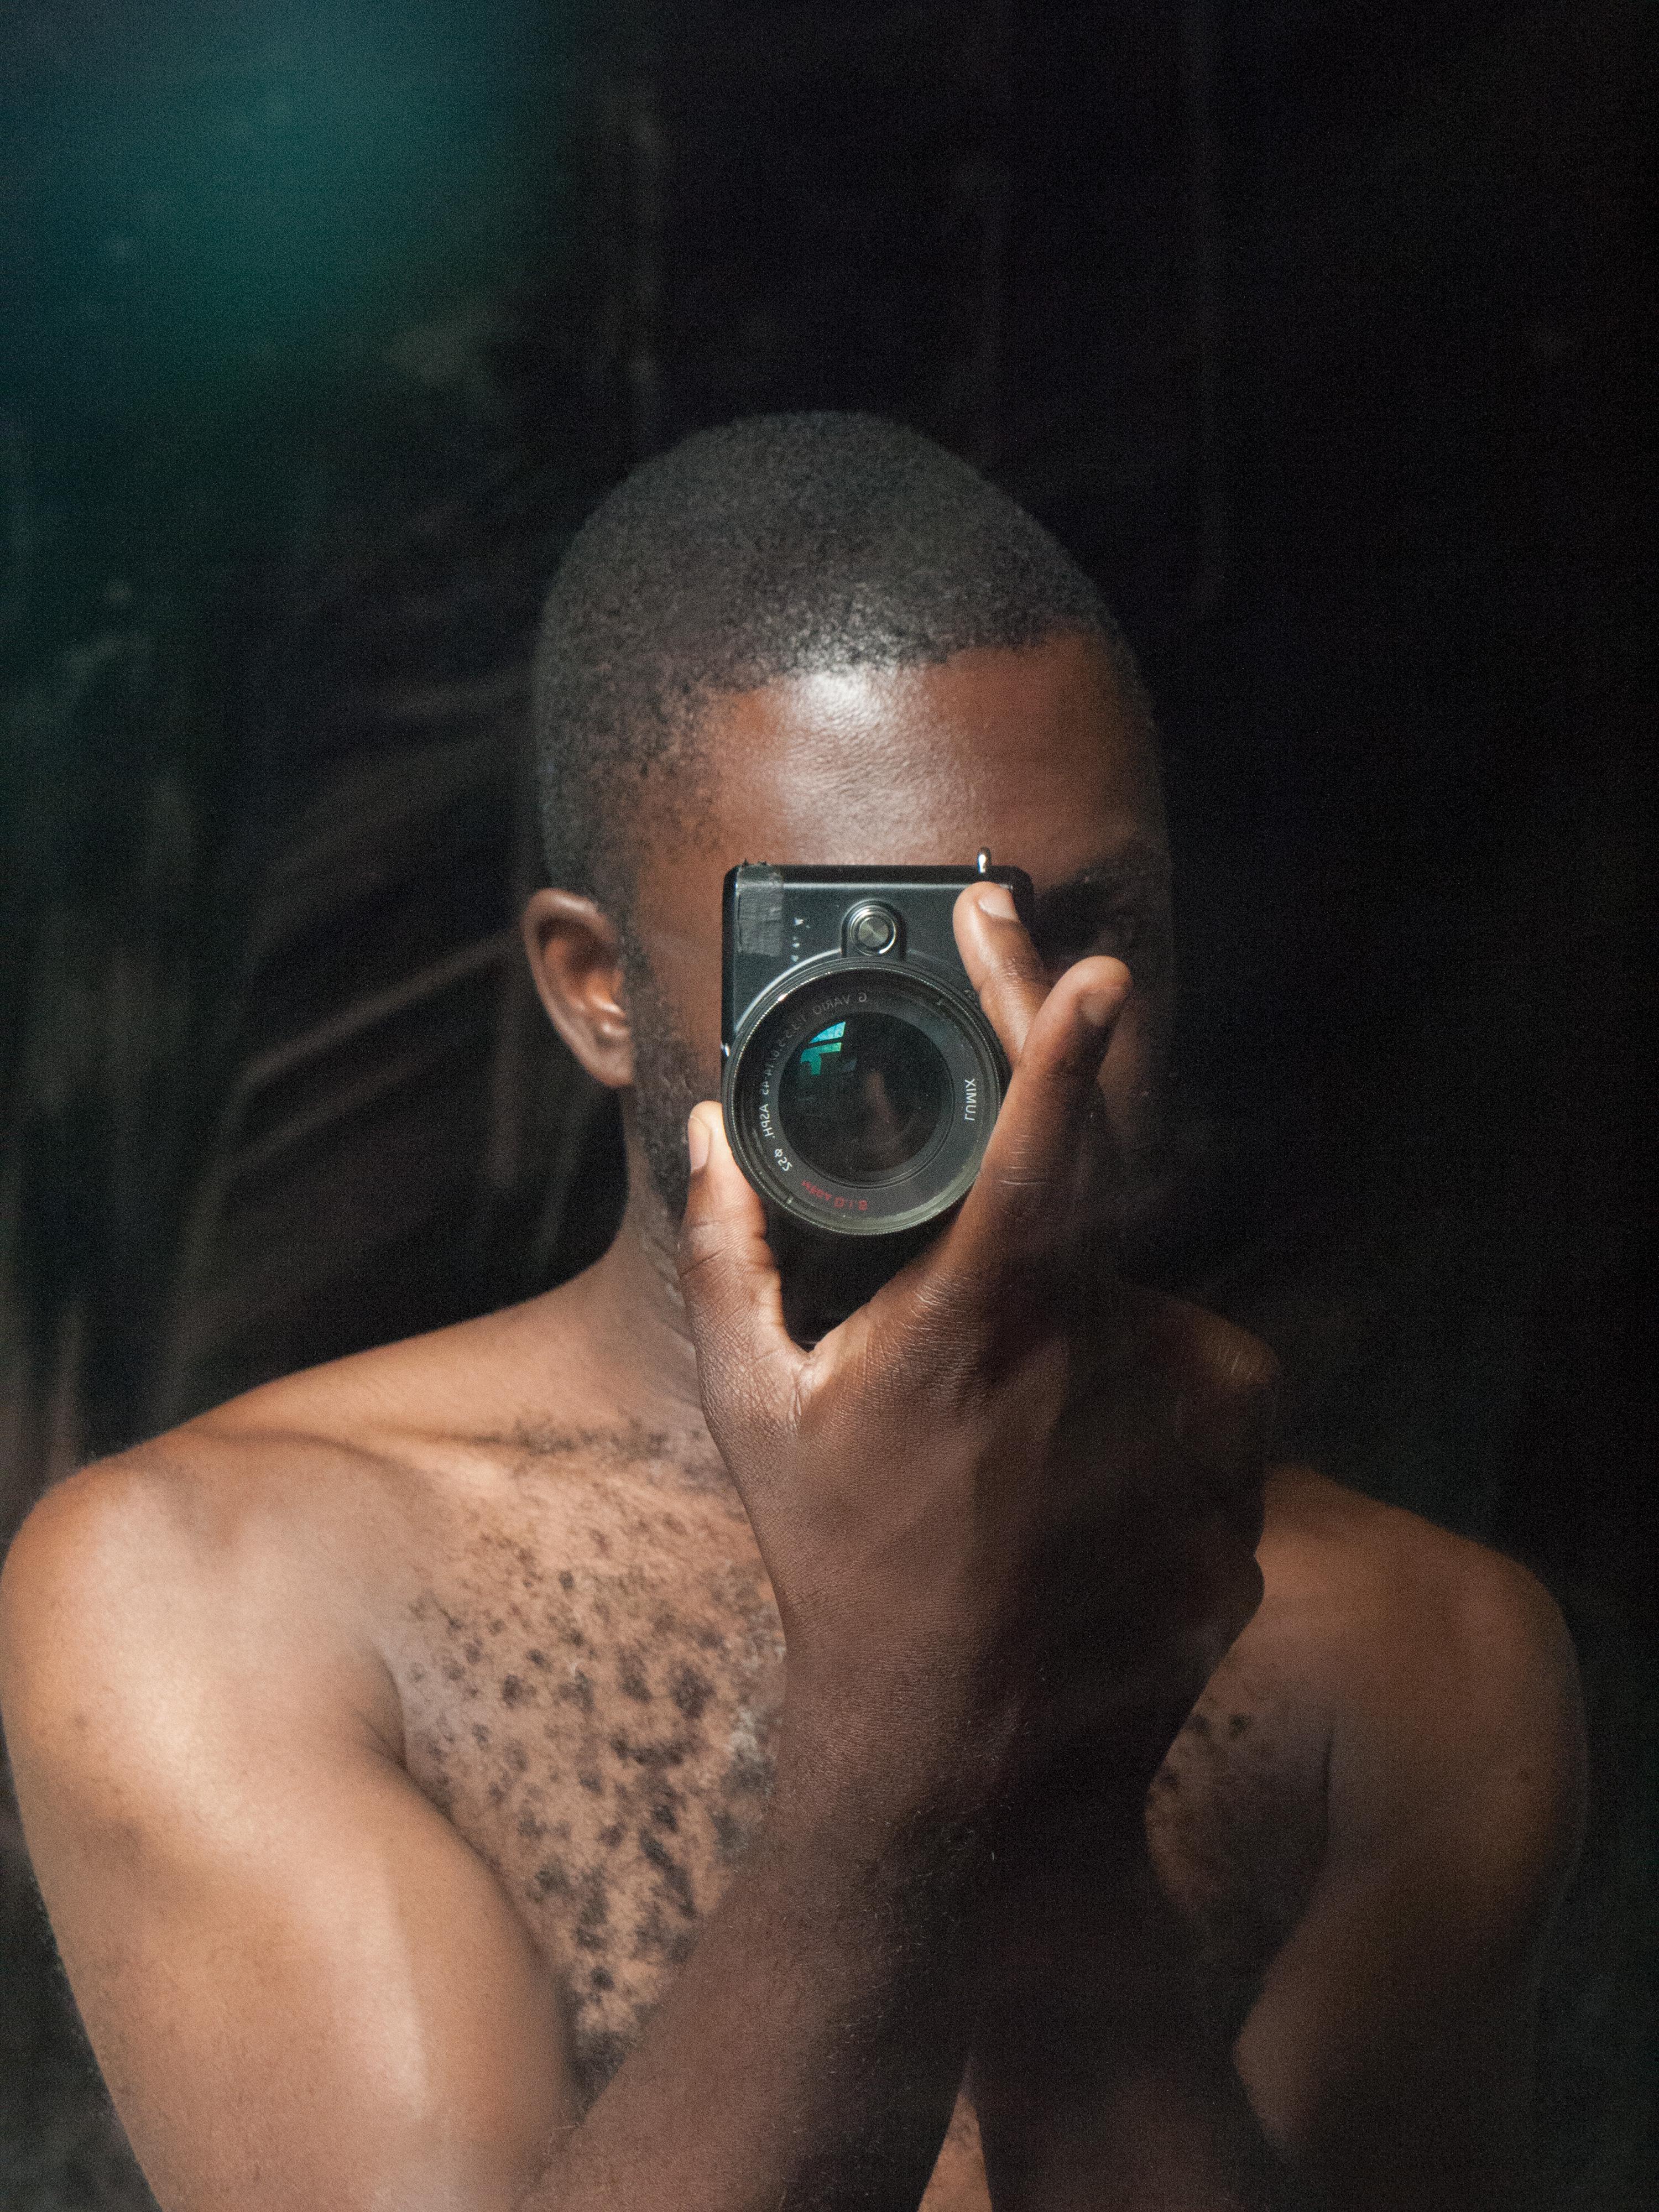 Paul Mpagi Sepuya photograph